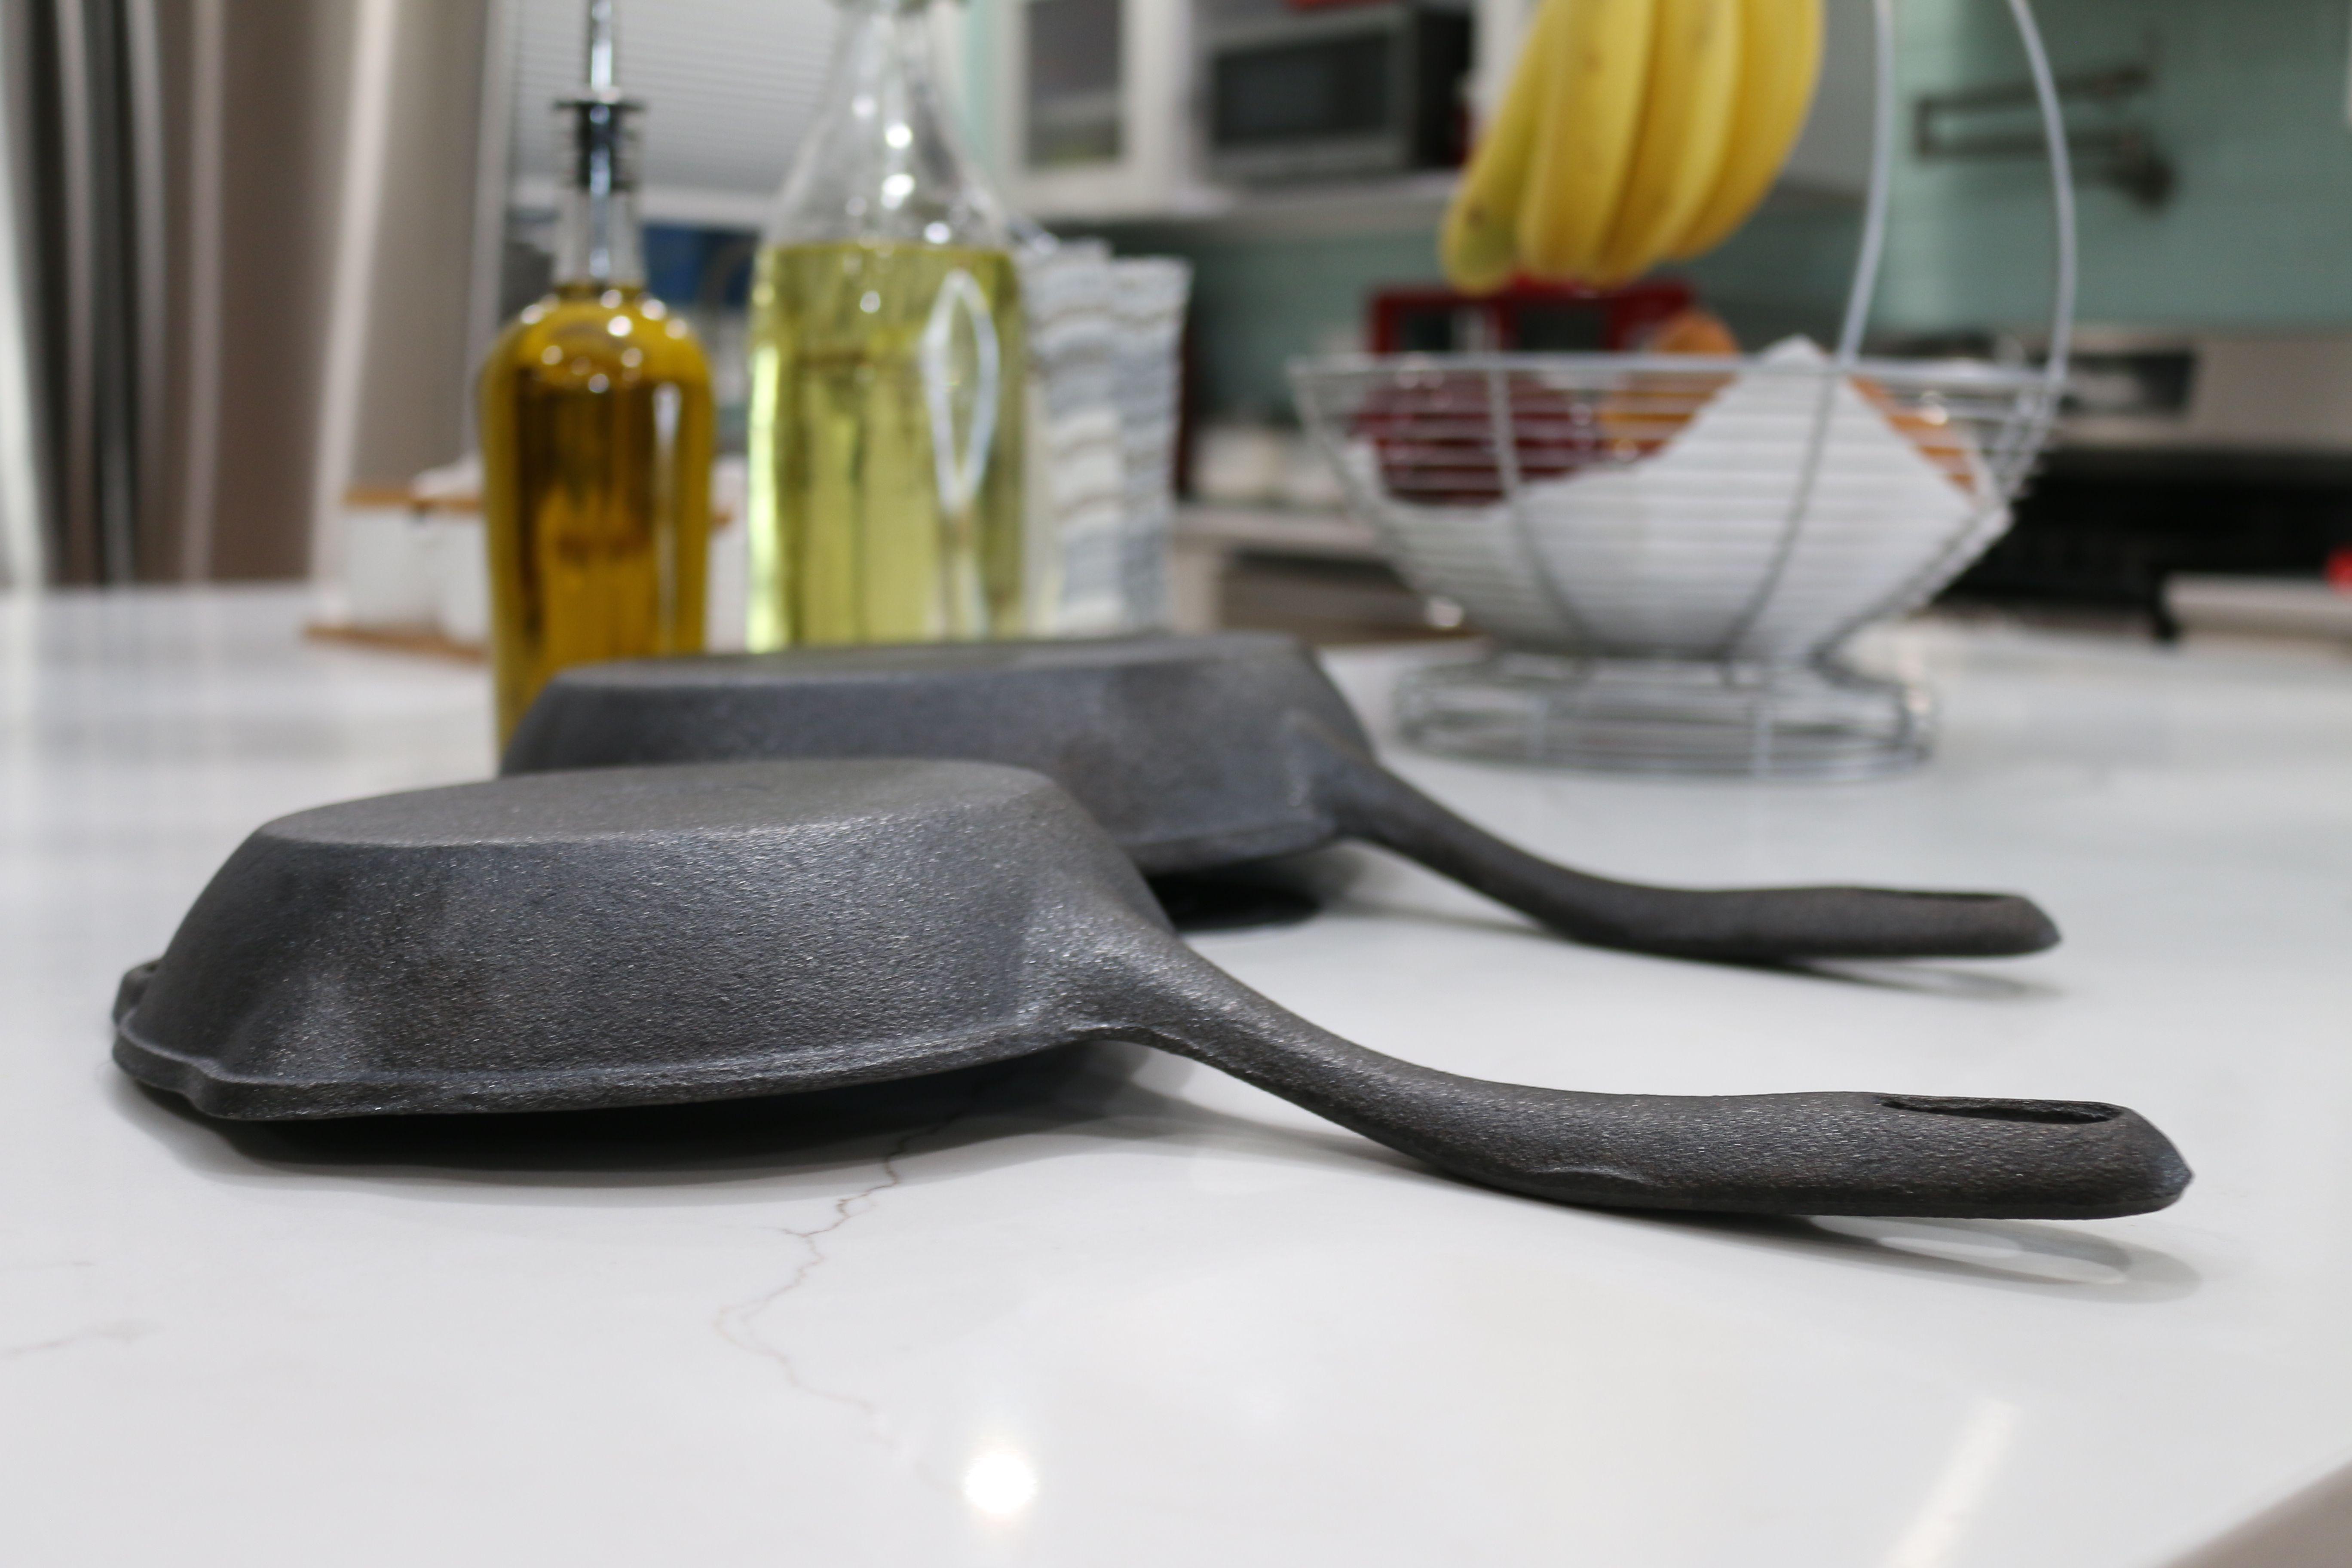 Karibe Cast Iron Cookware